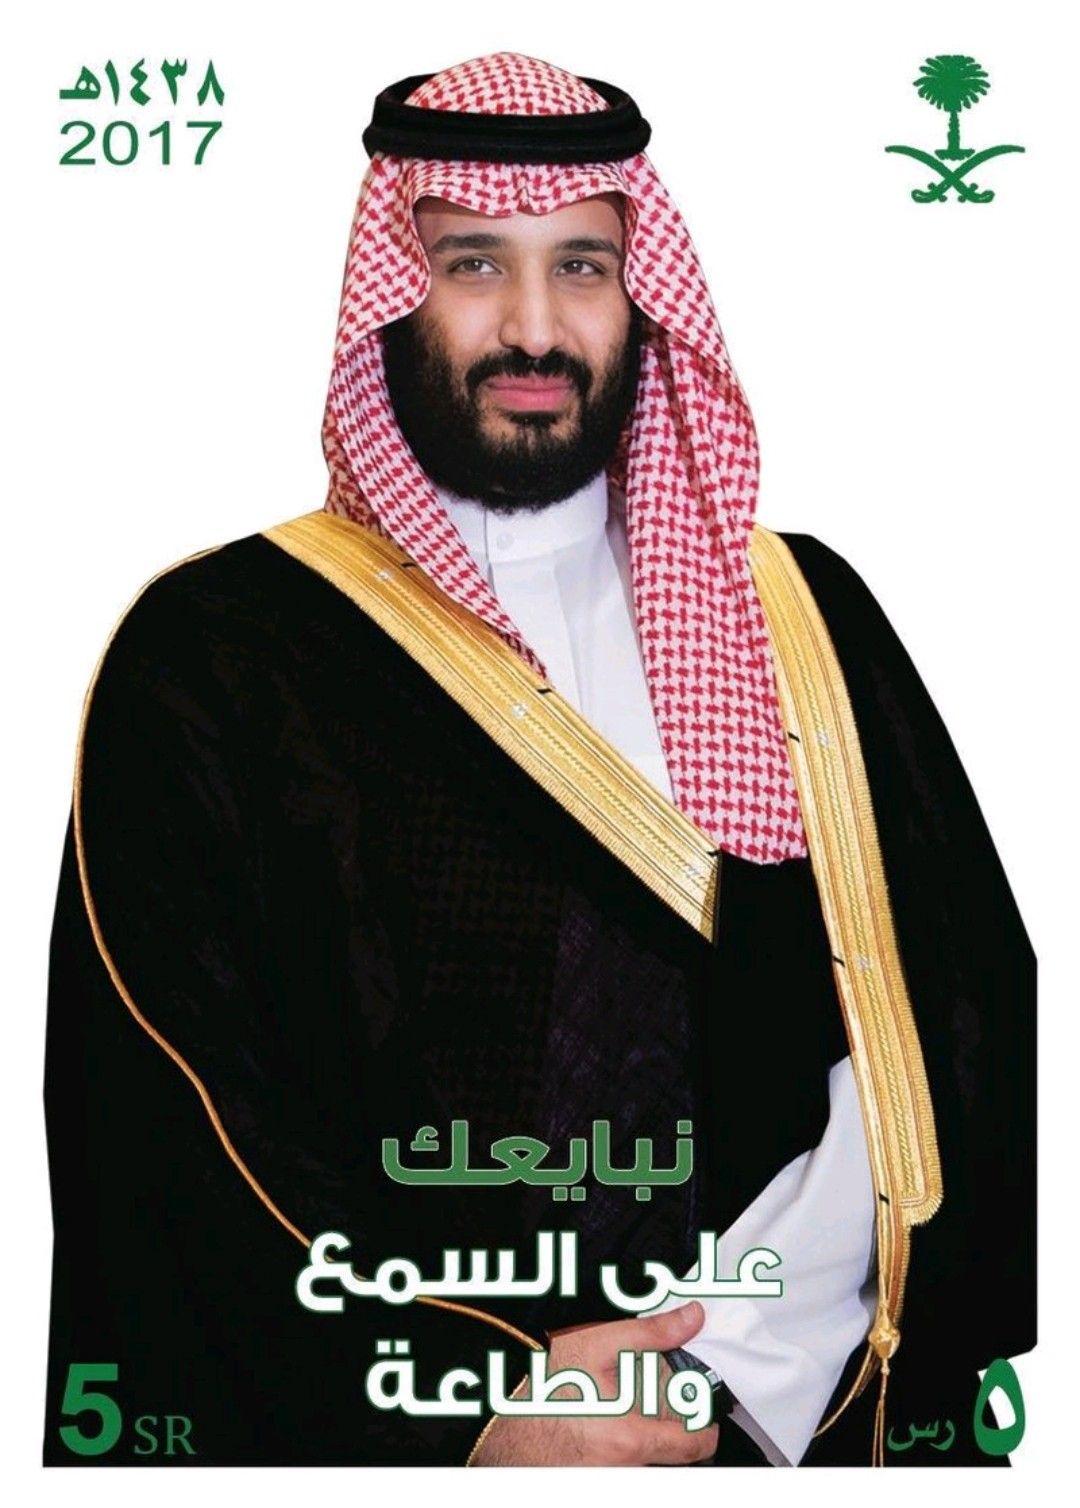 طابع جديد أصدره البريد السعودي توثيقا لمبايعة السمو الملكي الأمير محمد بن سلمان وليا للعهد في فئتين ريالان وخمسة ريالات Winter Hats Movies Winter